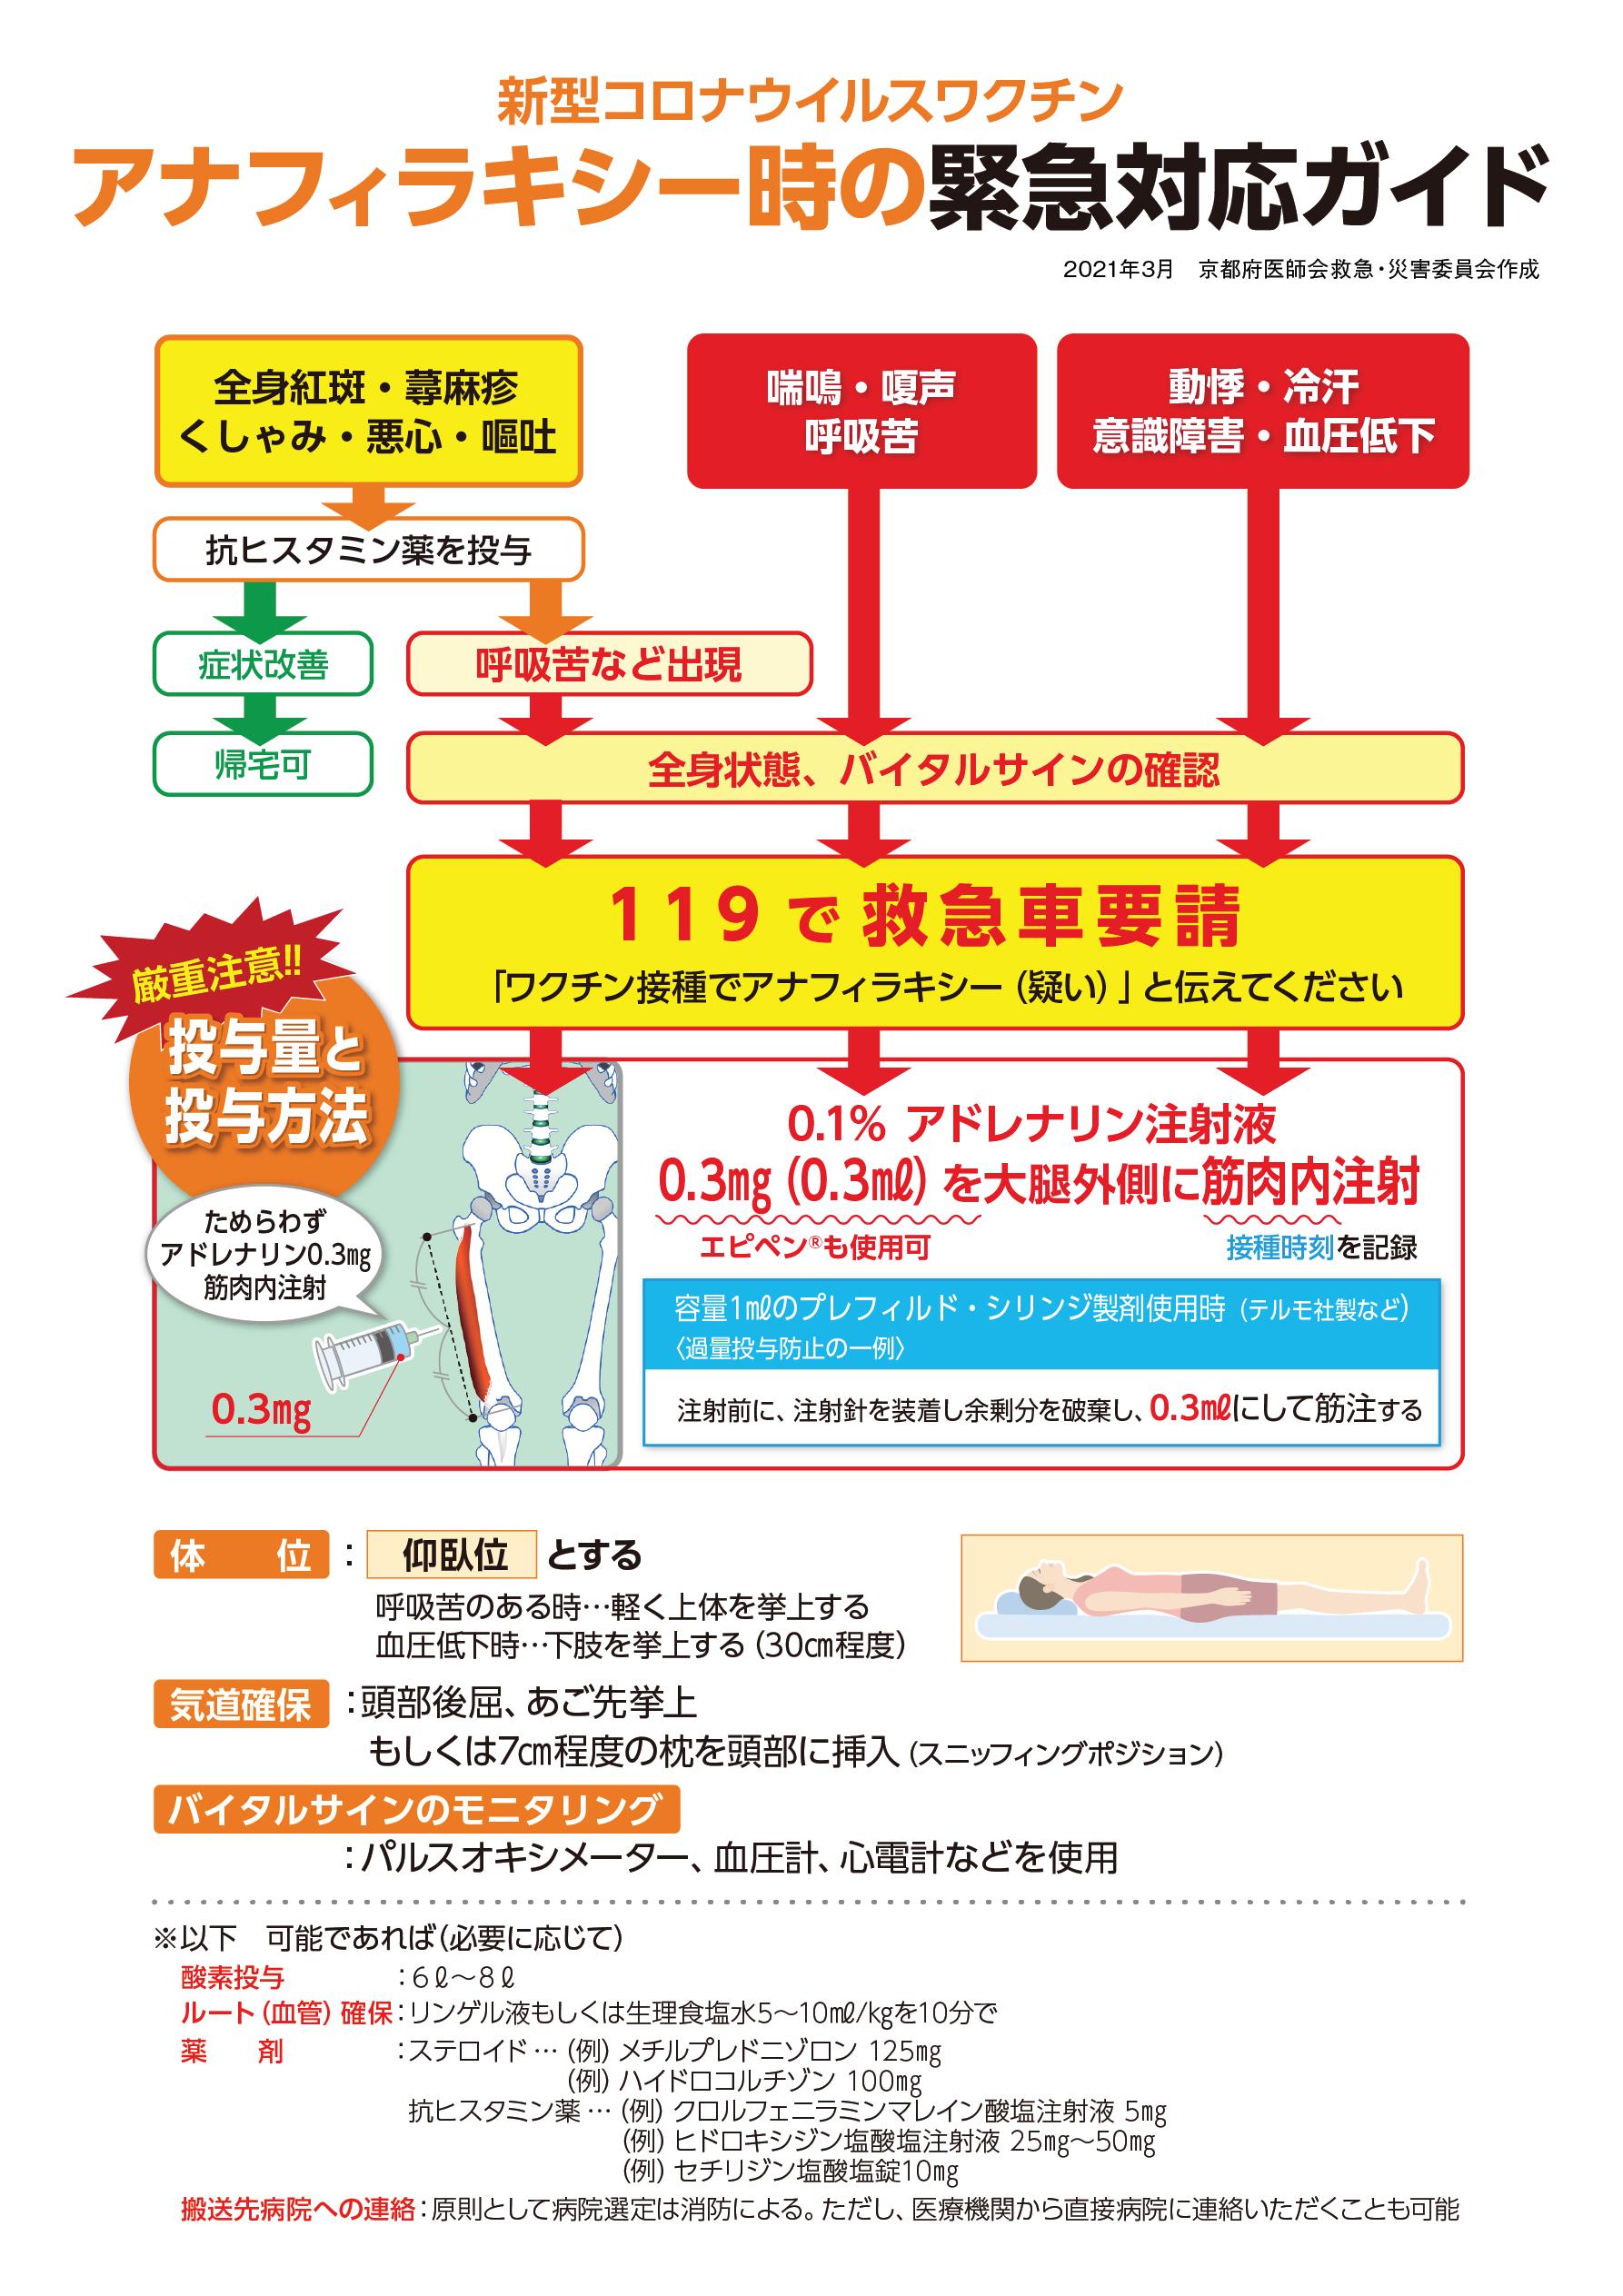 コロナ 気管支 喘息 呼吸器疾患吸入薬が風邪コロナウイルスの炎症を抑える